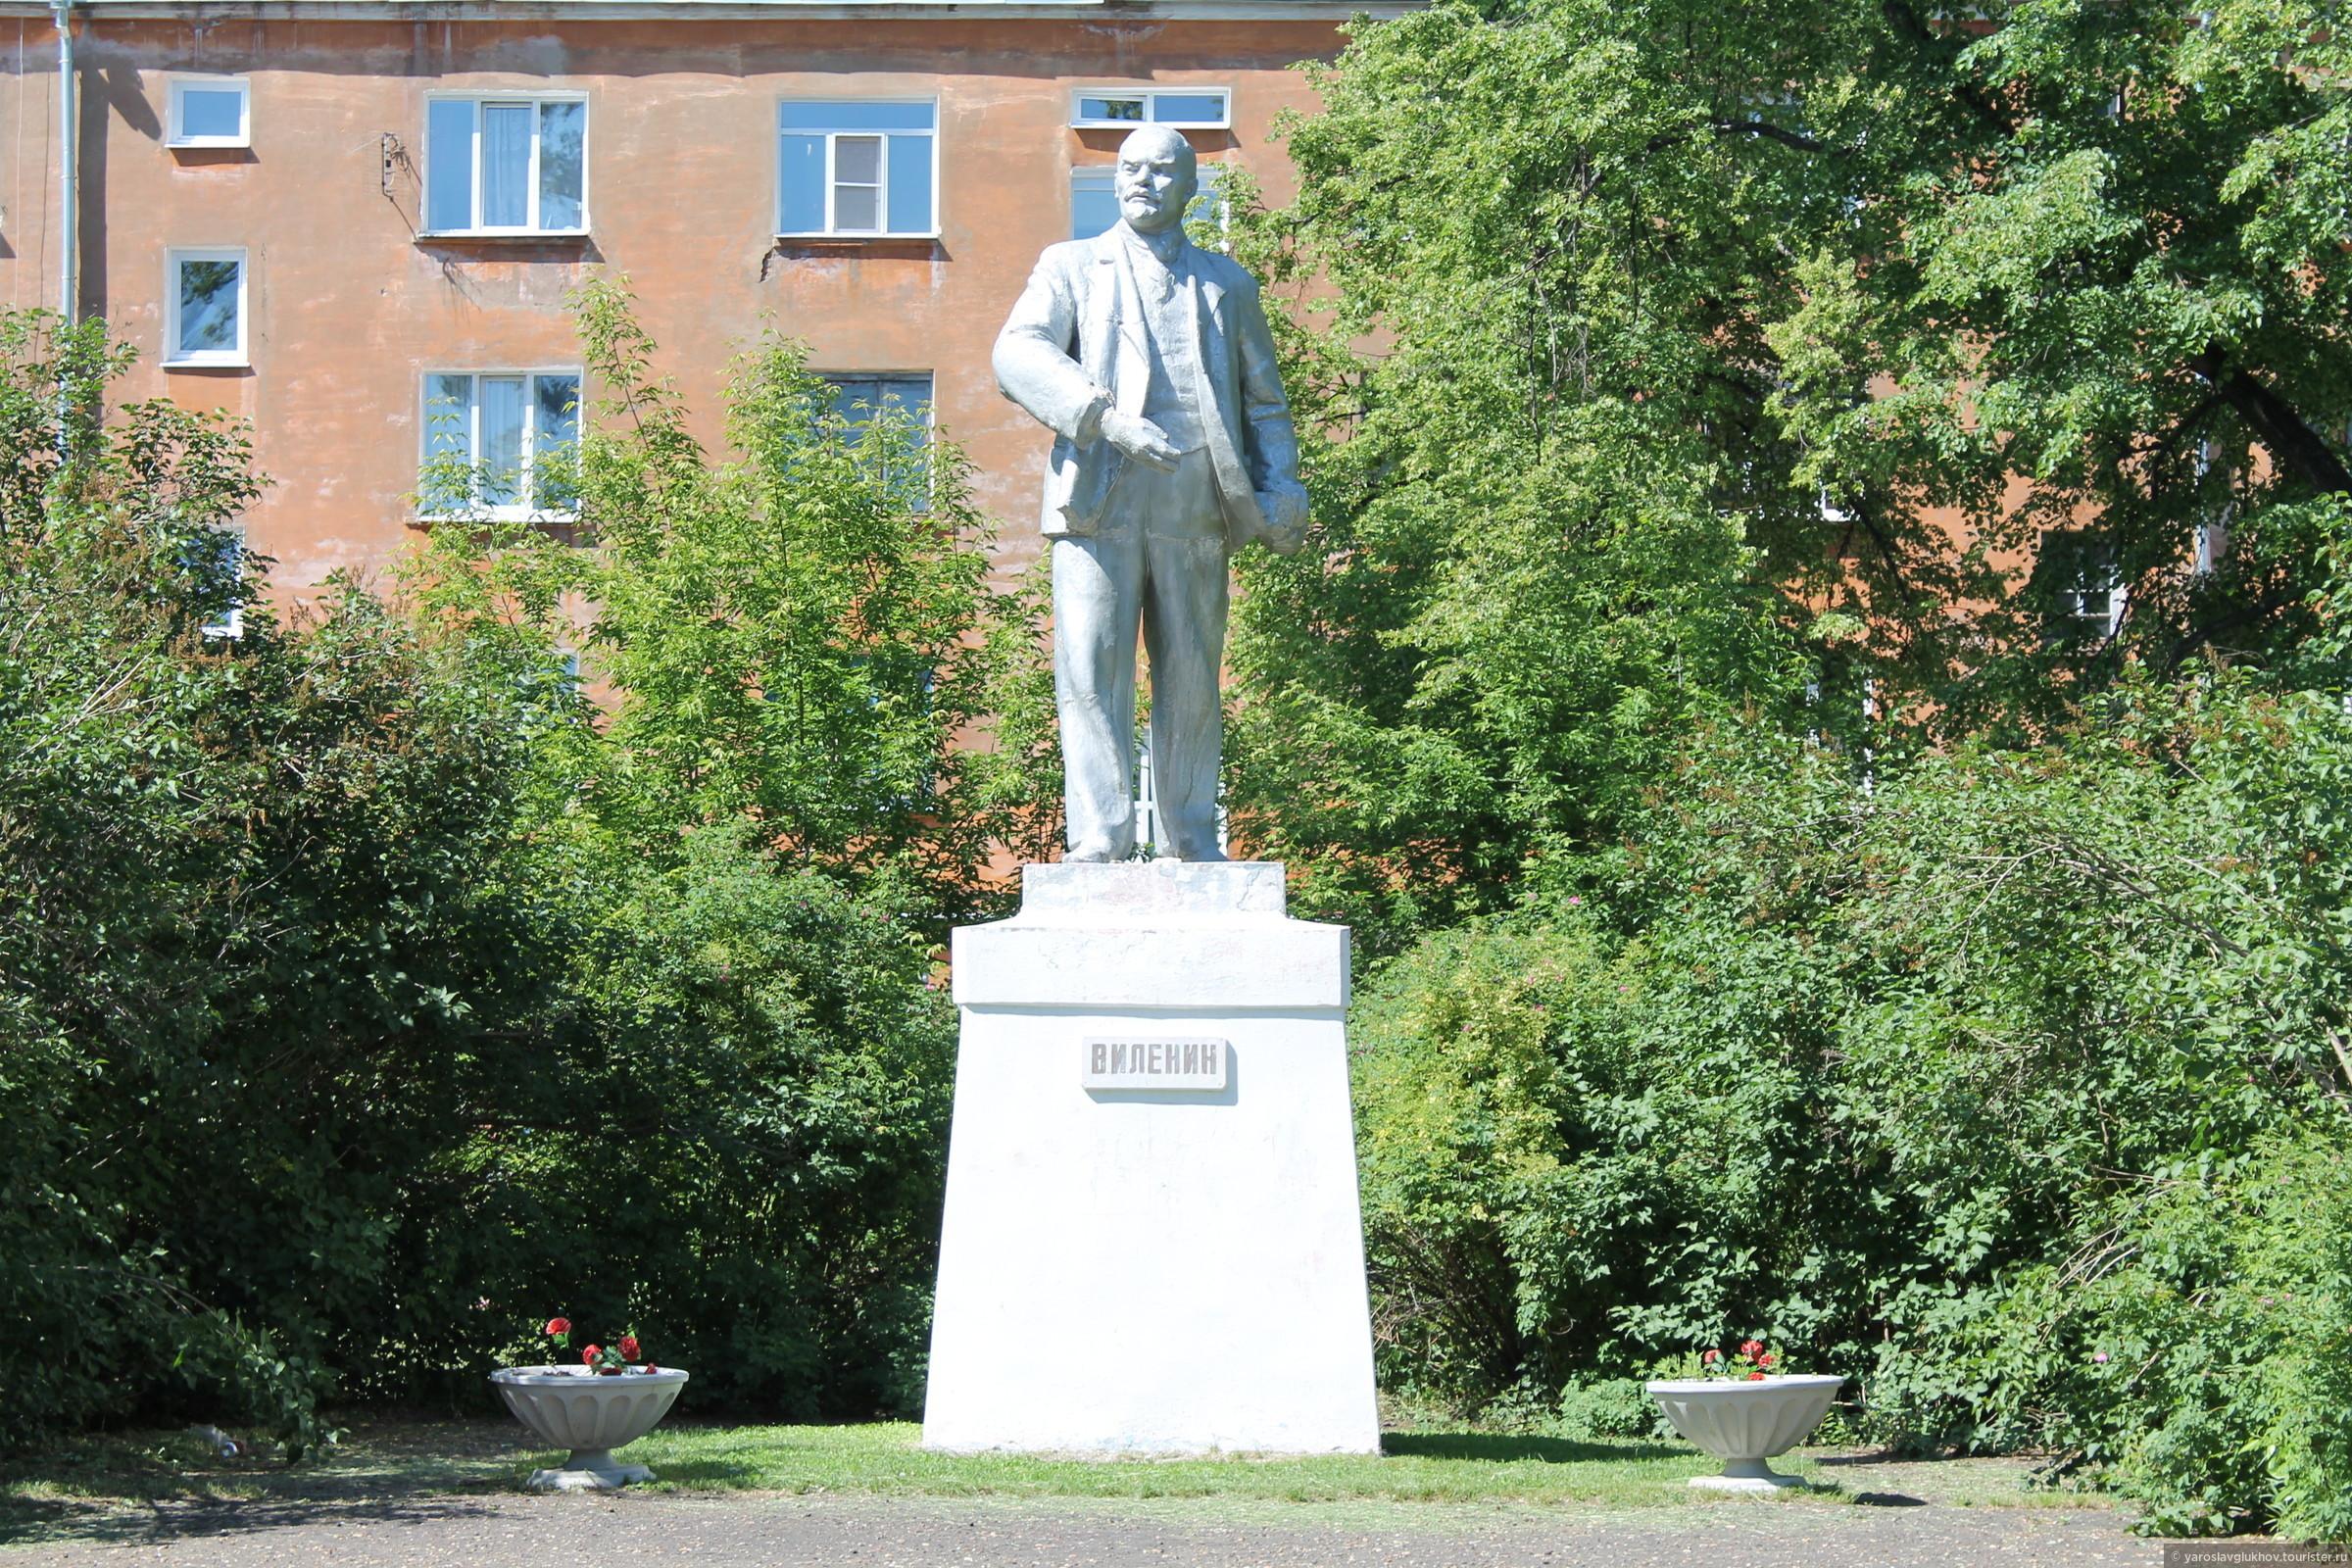 Памятник с крестом Краснокамск Шар. Дымовский гранит Сорск